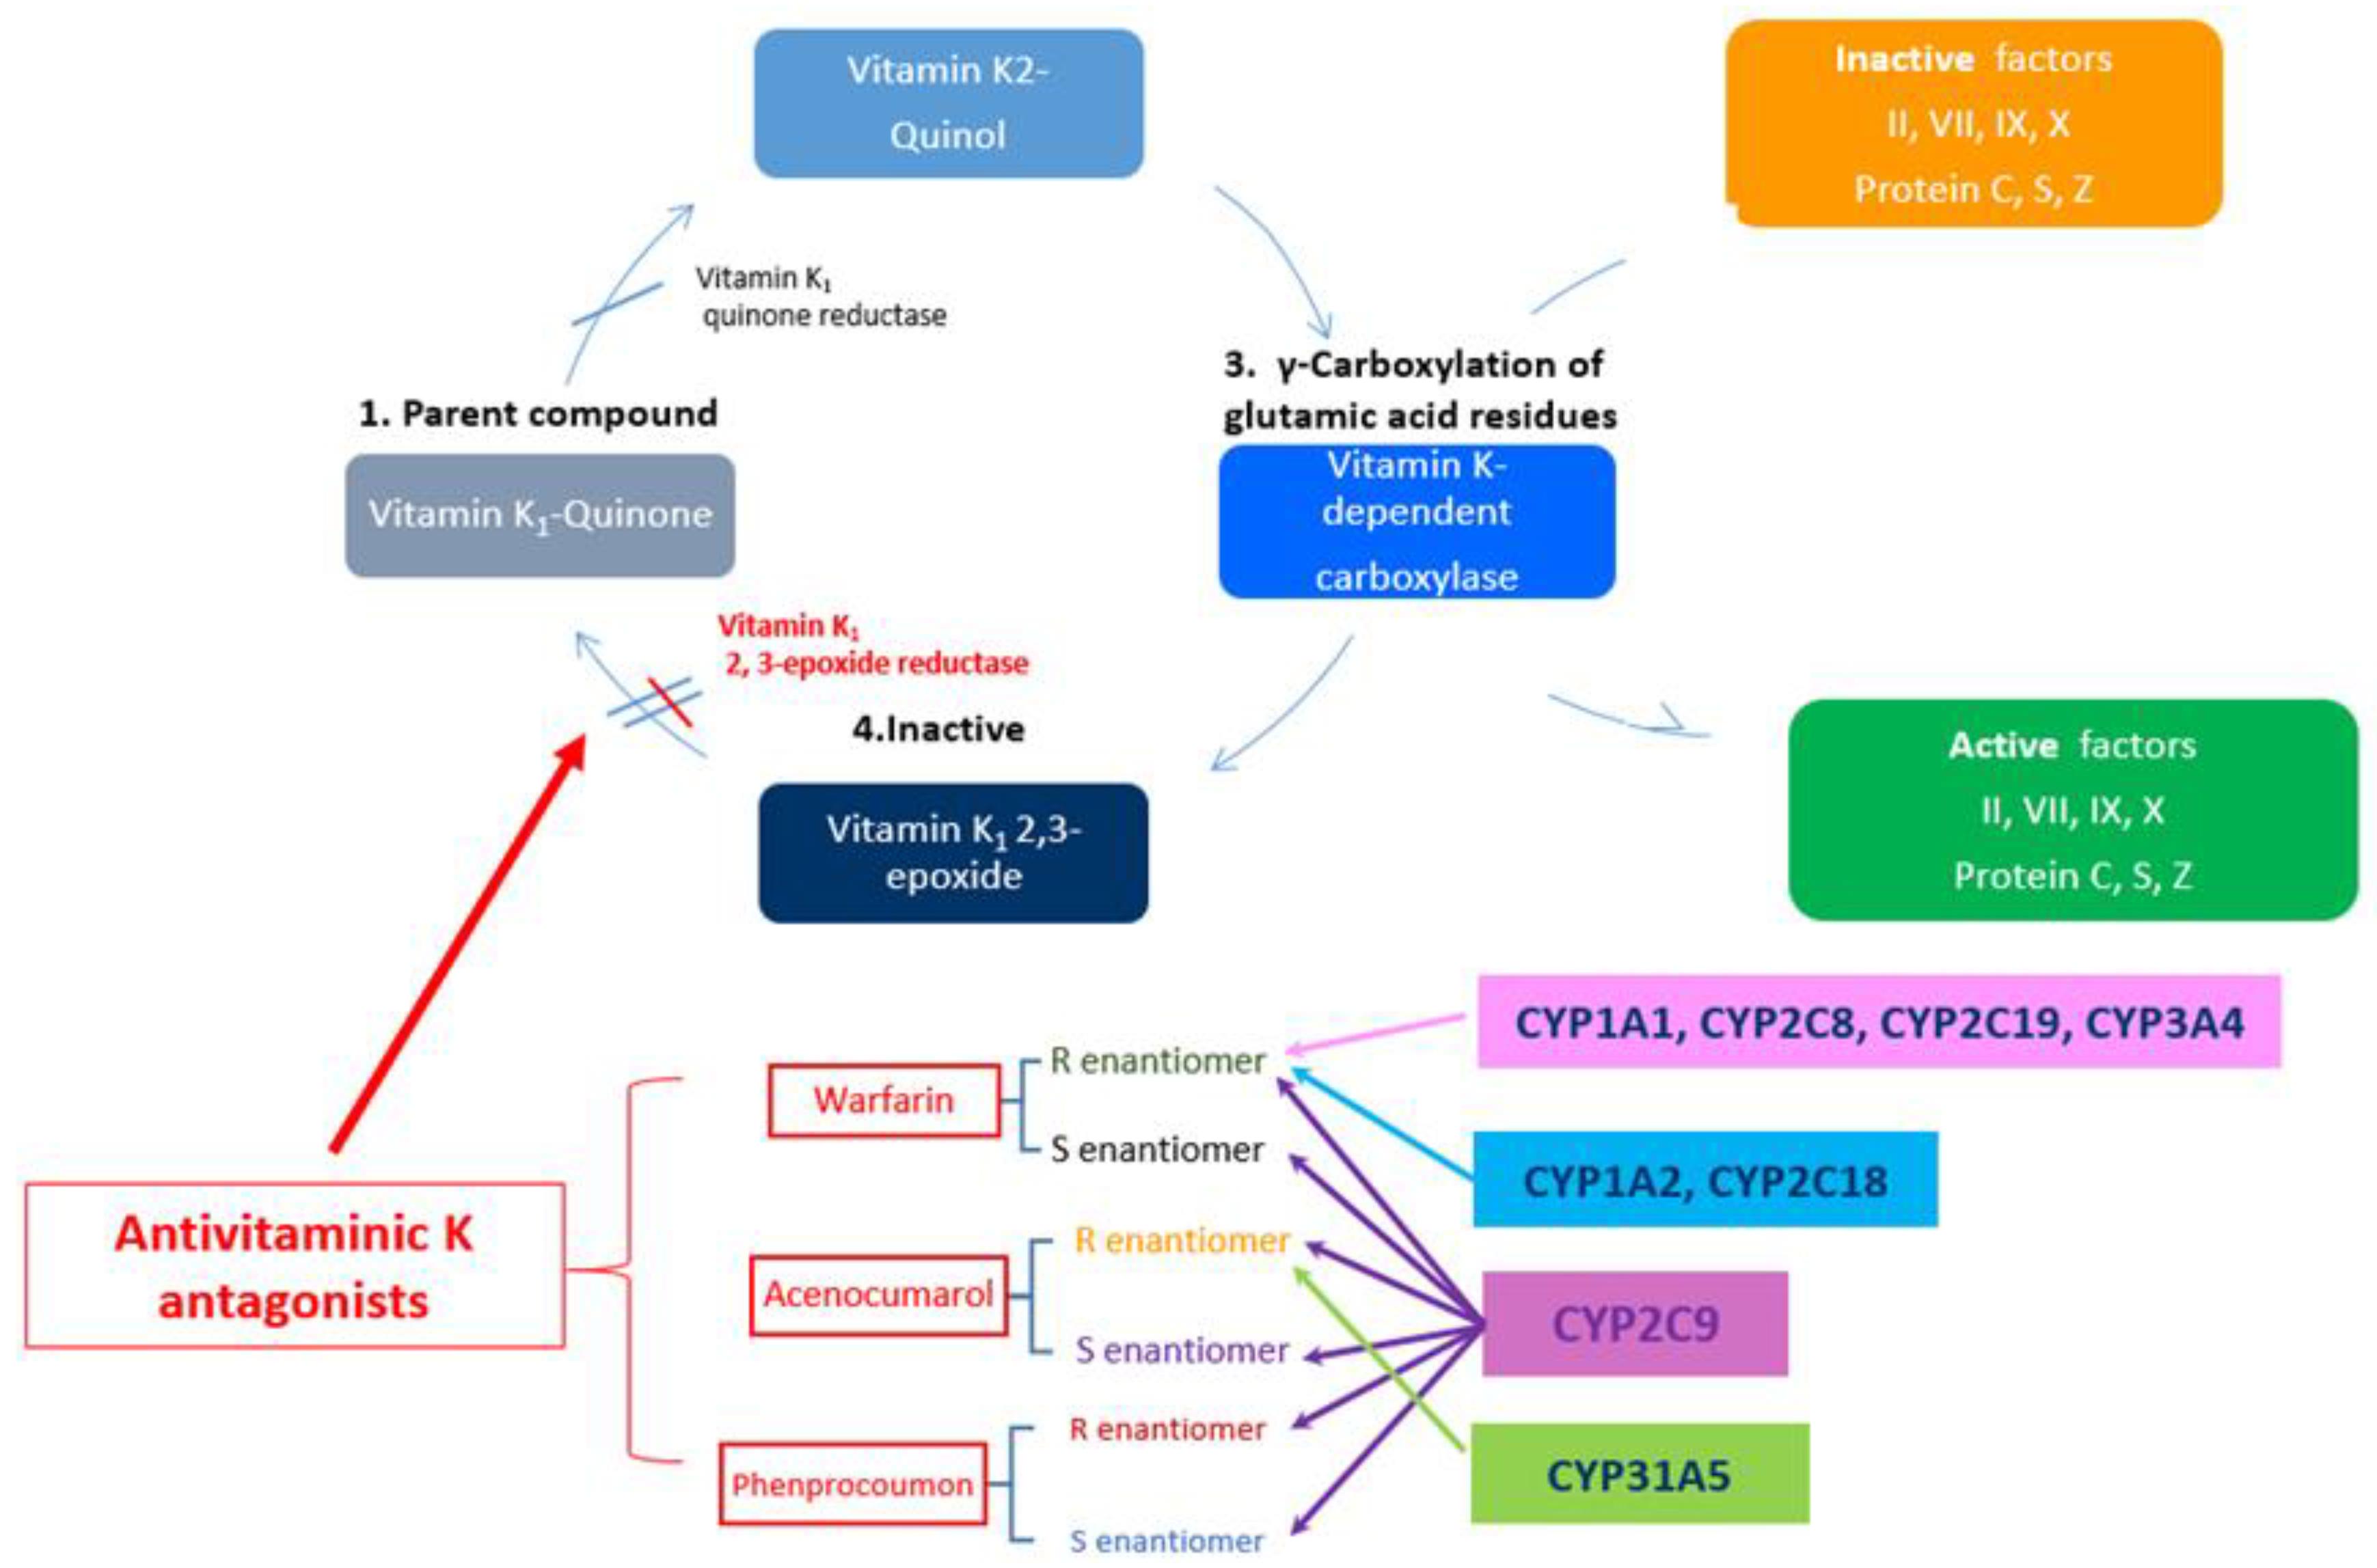 modafinil mechanism of action medscape